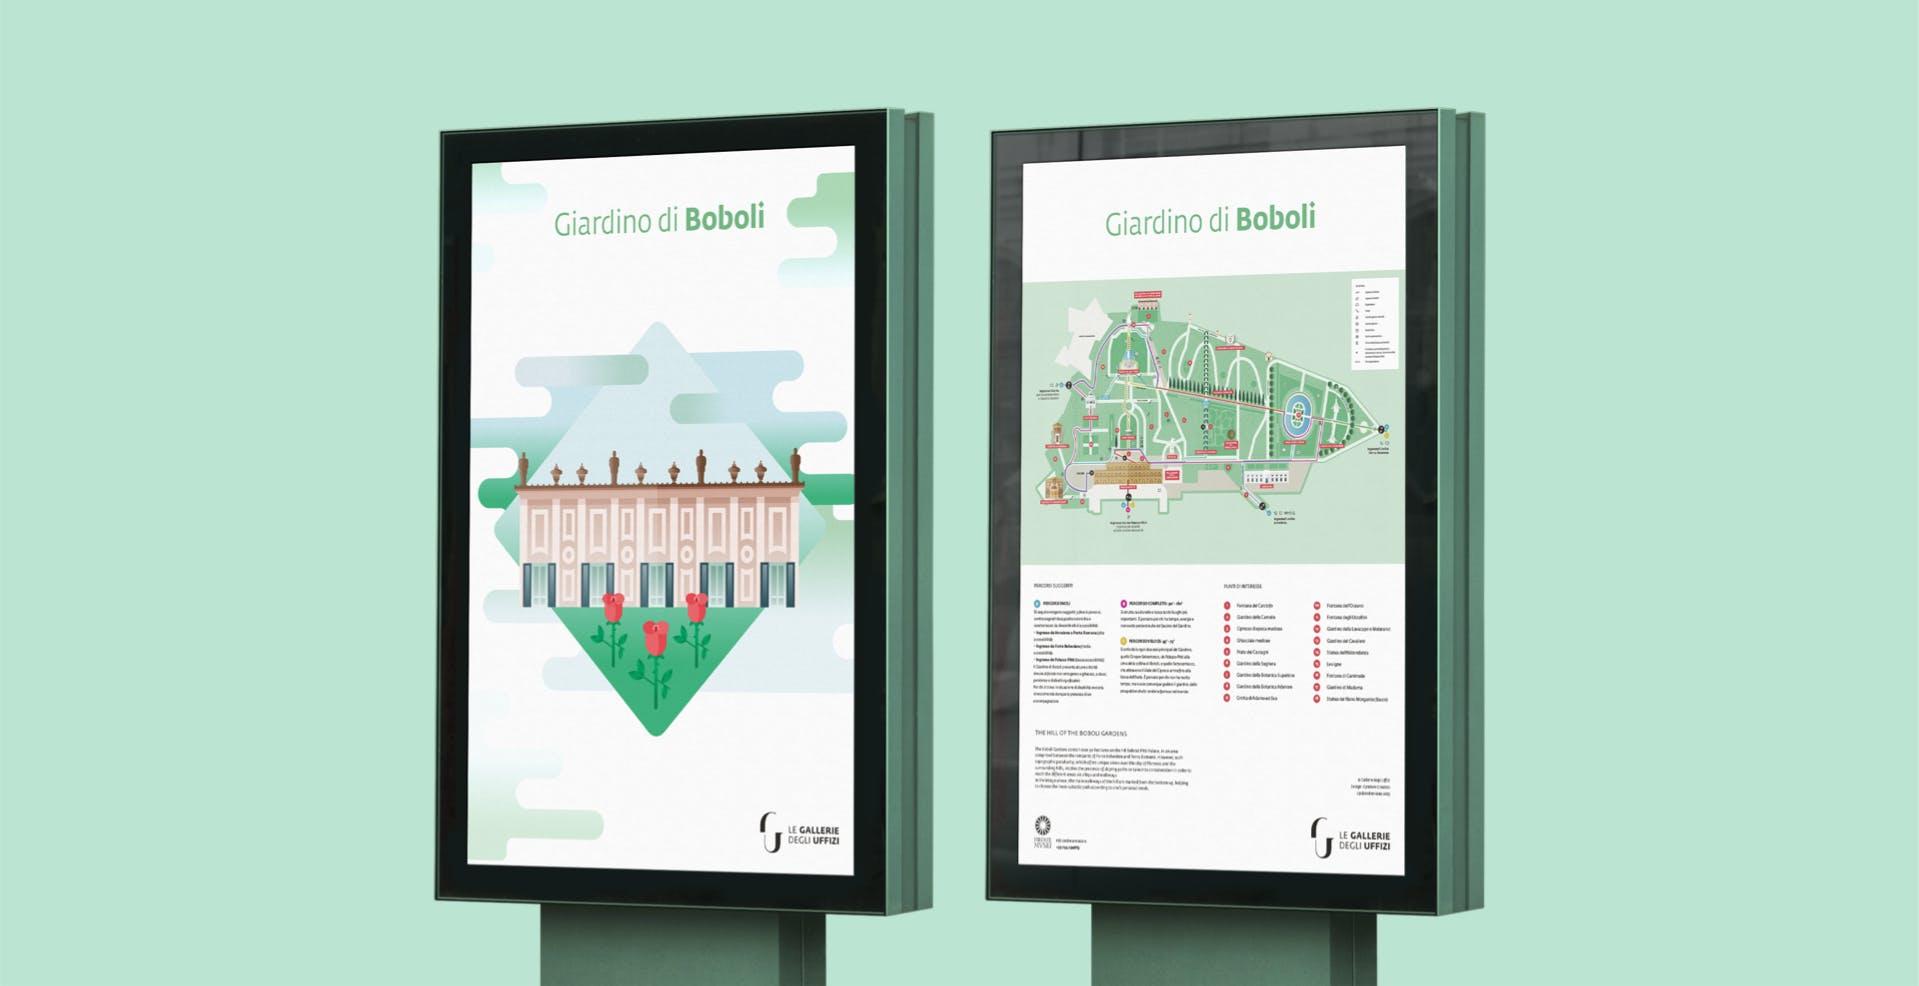 Mockup di due tabelloni con la mappa dei giardini di Boboli